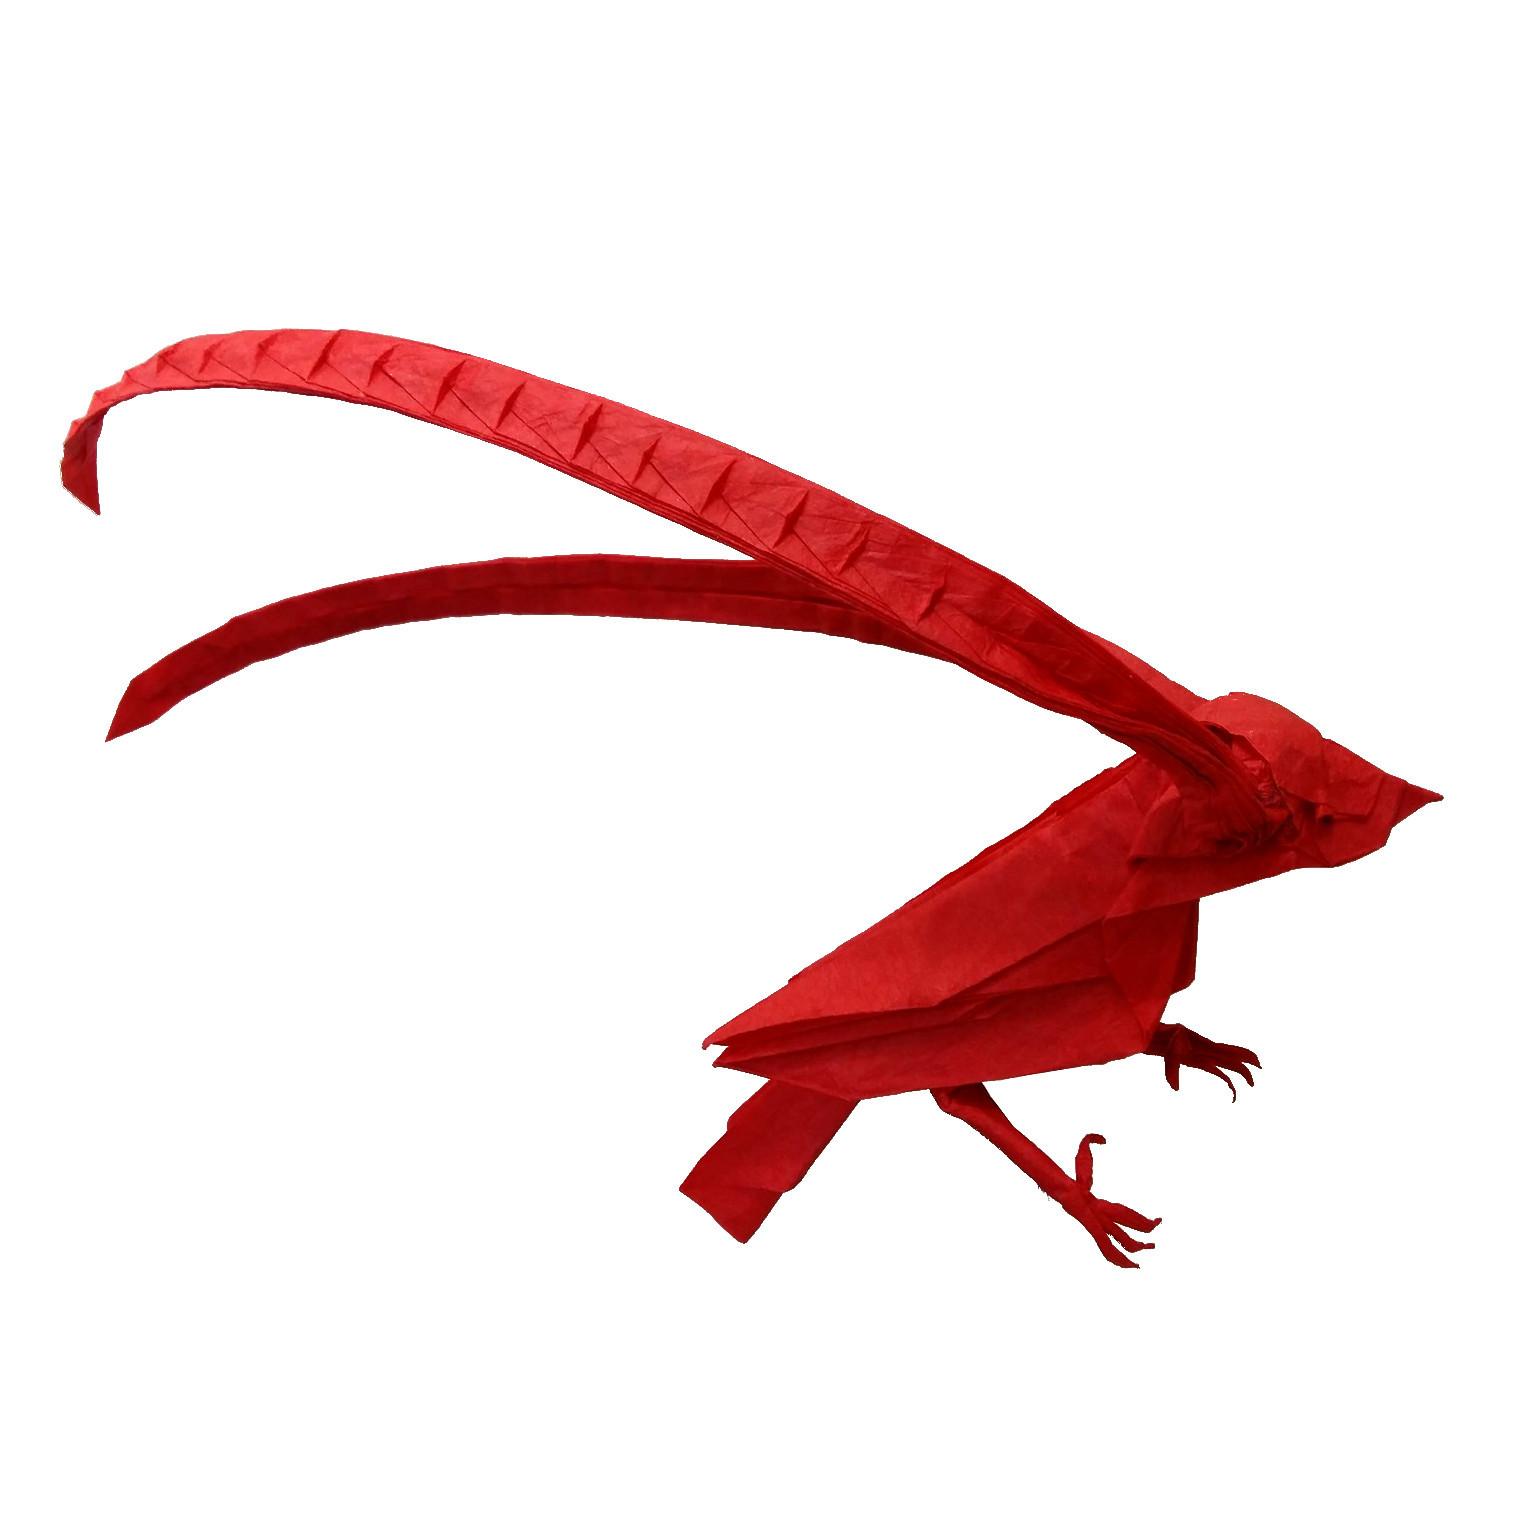 king-of-saxony-bird-of-paradise-origami